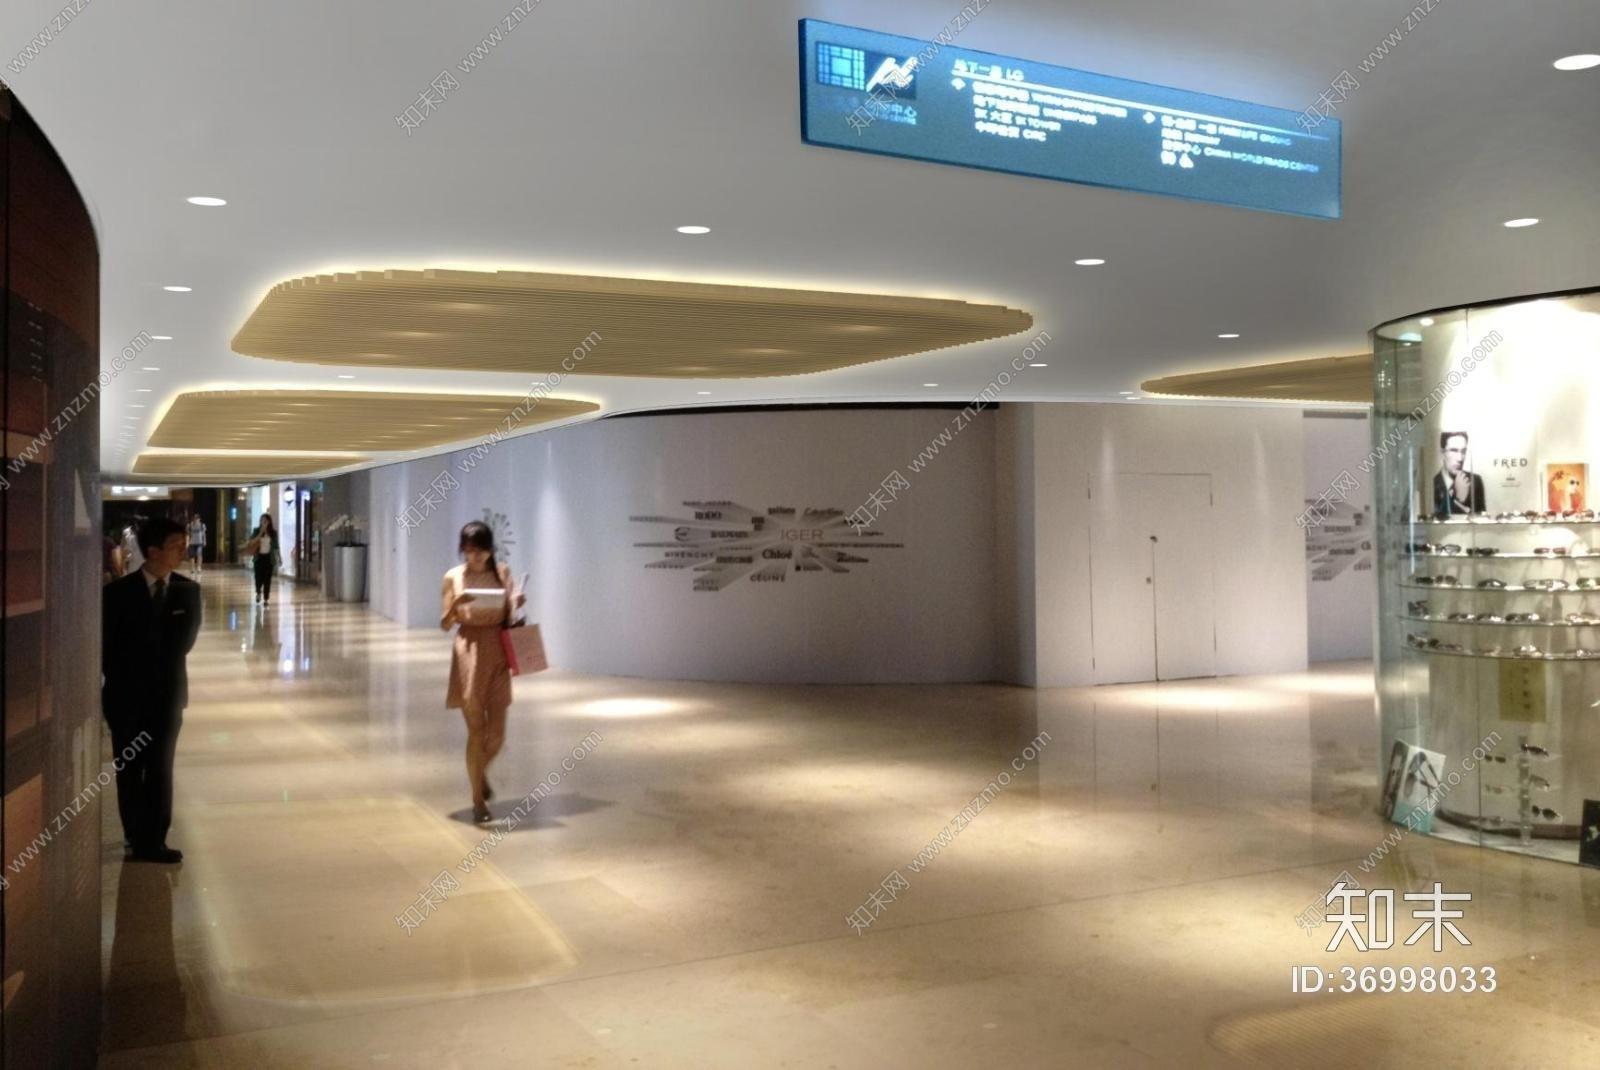 【北京银泰中心】商业公共区域B1&3层施工图下载【ID:36998033】